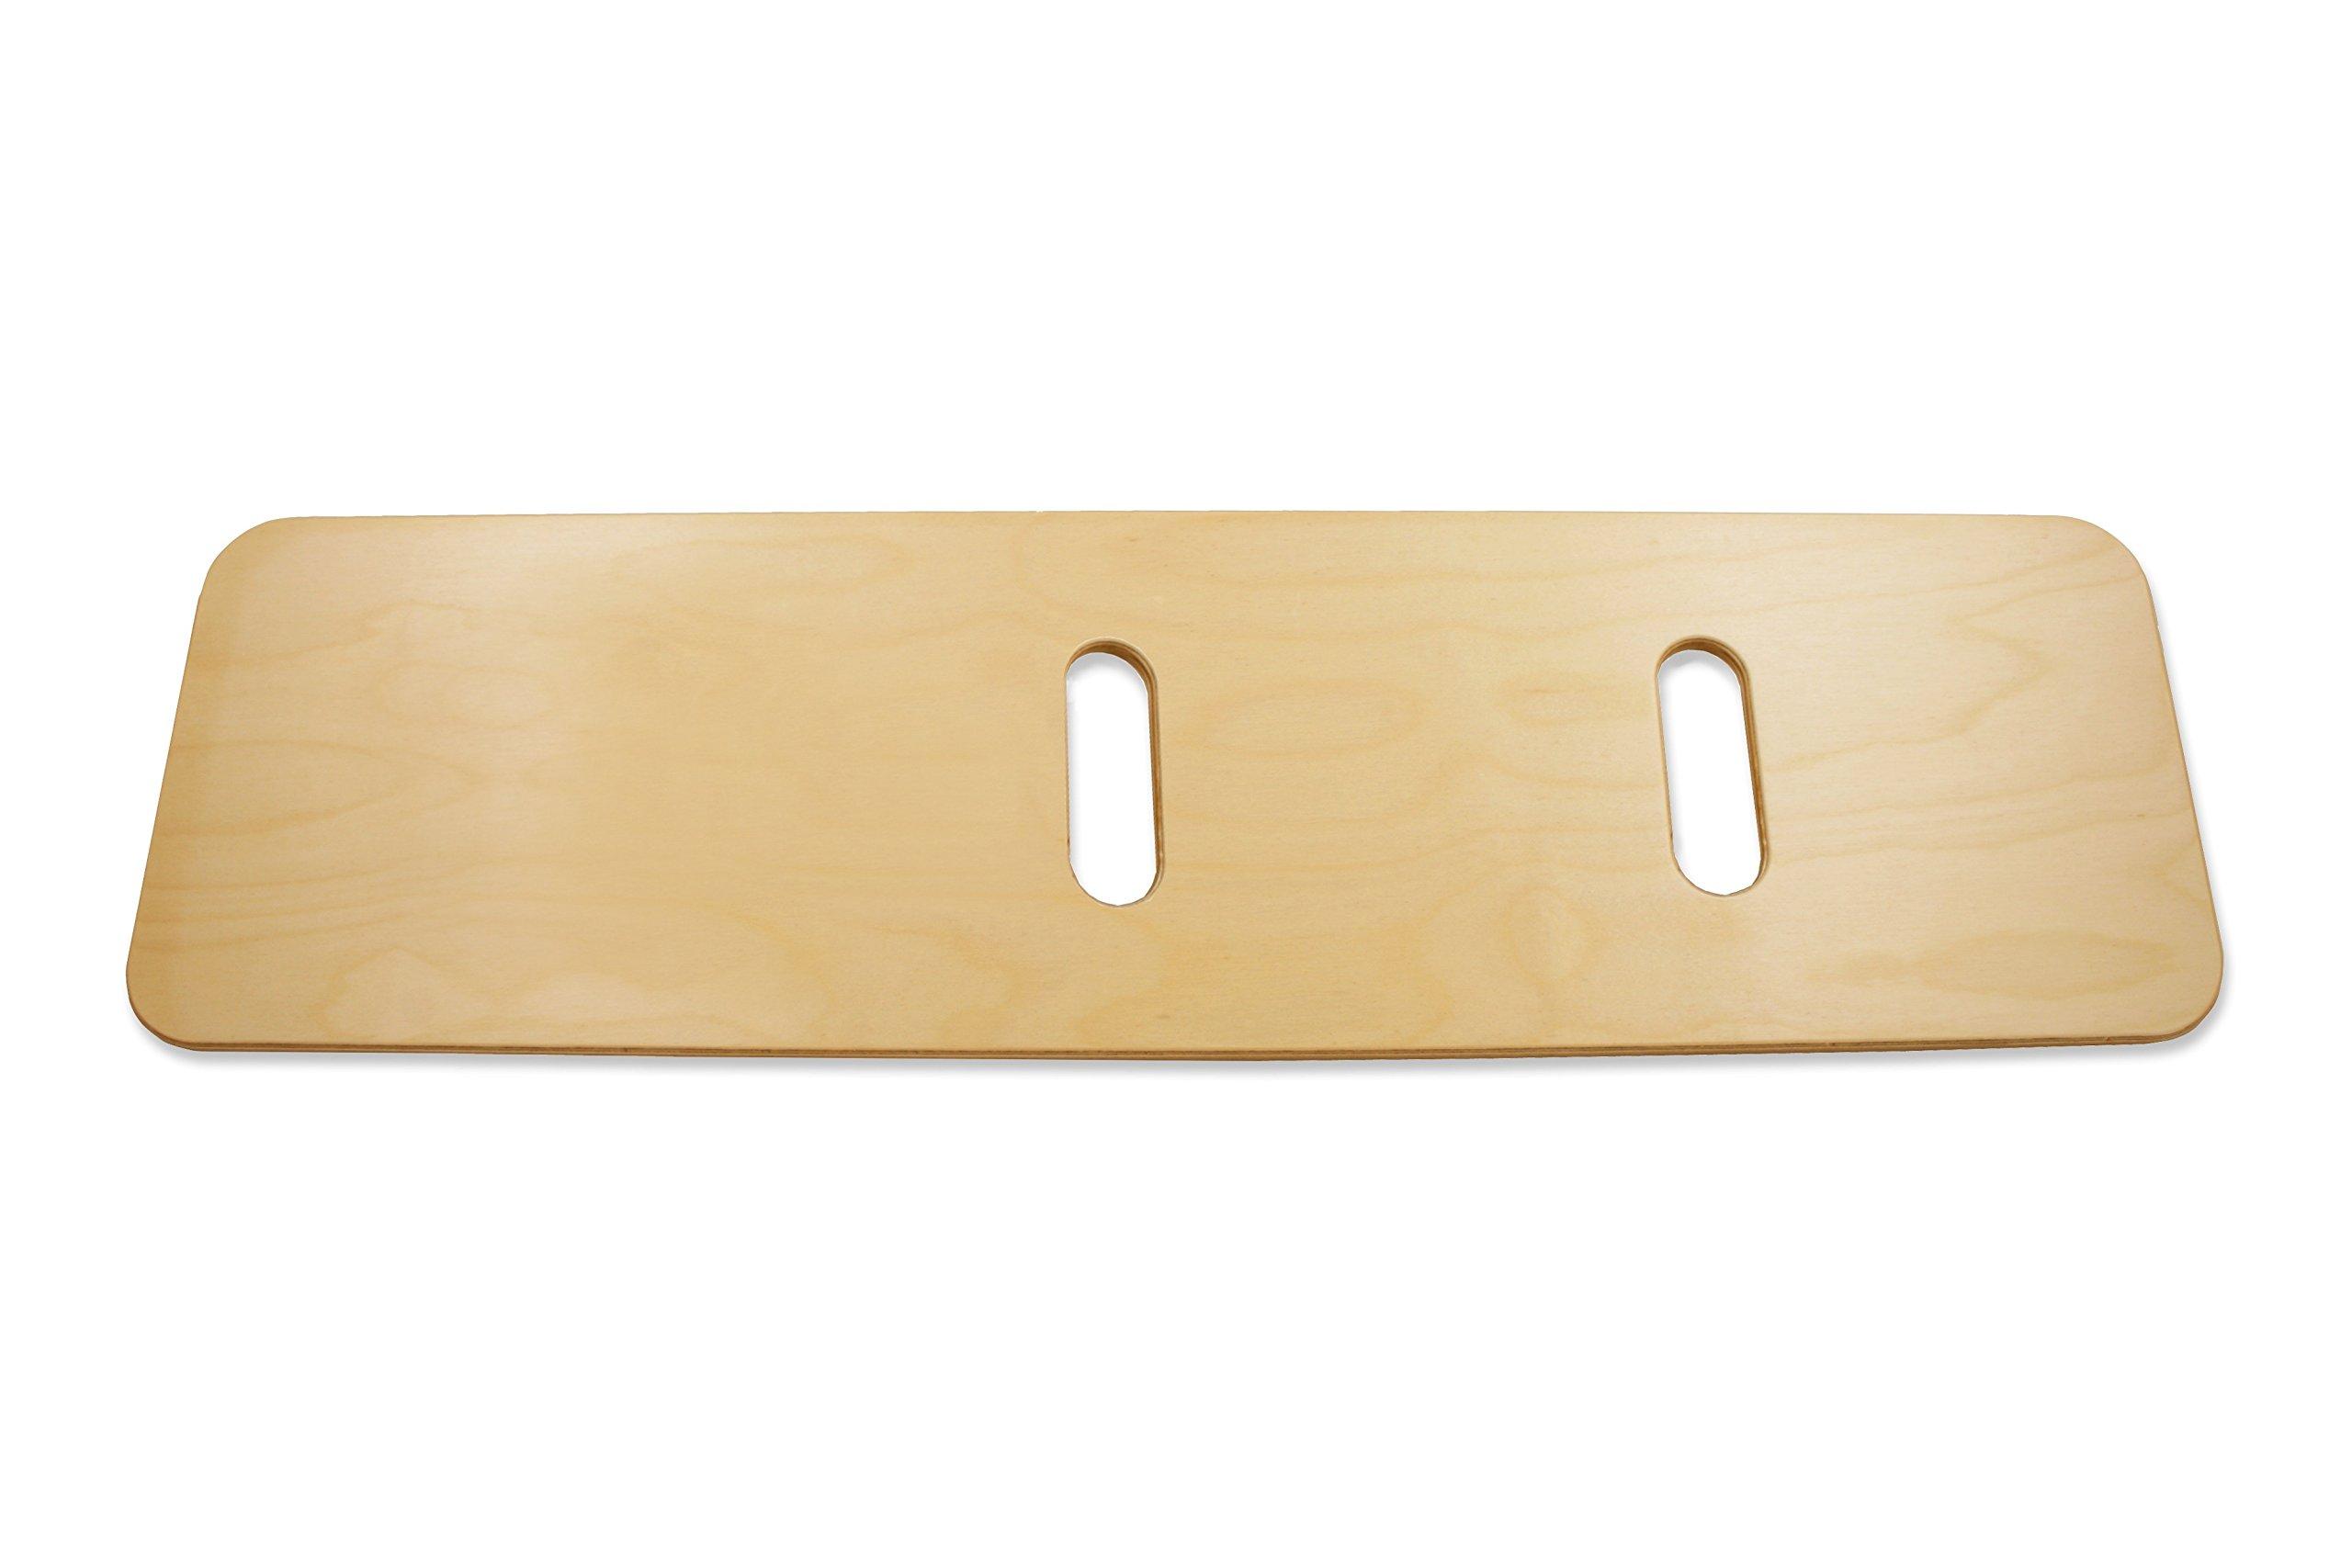 40 Inch Durable Birchwood Transfer Board by Rehabilitation Advantage